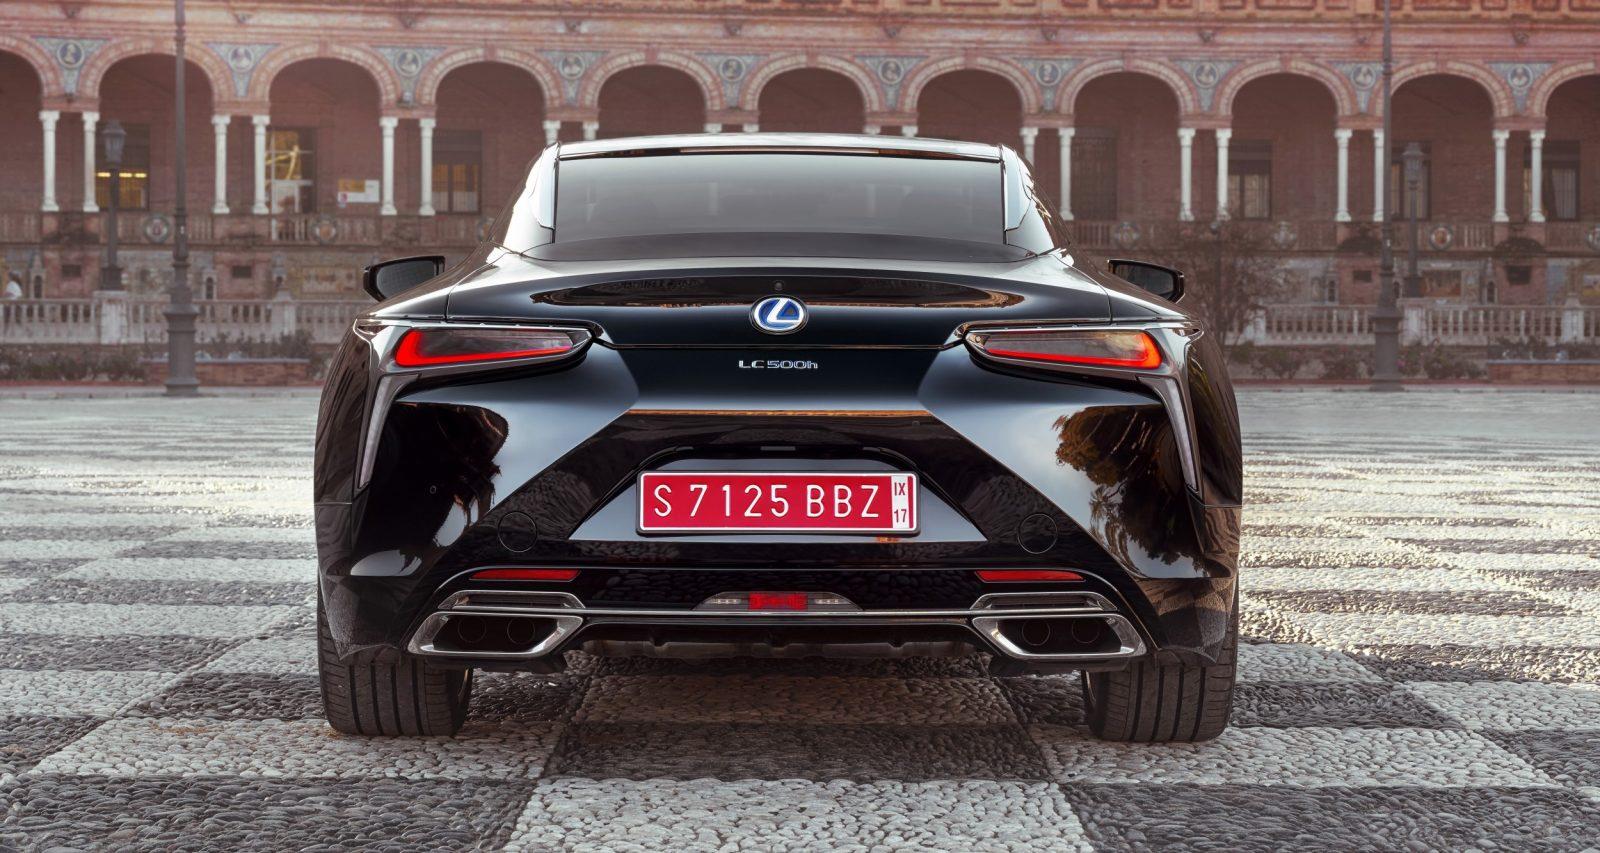 2018_Lexus_LC_500h_008_CCDDC5C5BE05B4A12EFFFDA5A410CF2179659EFC